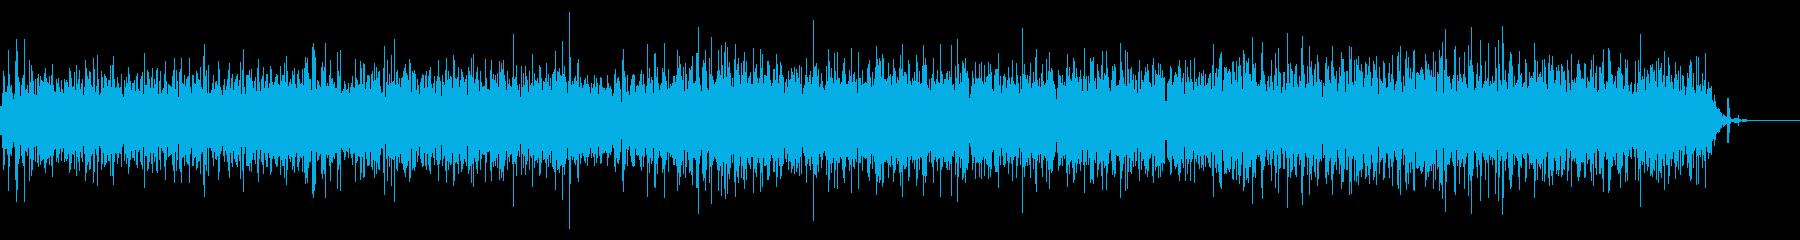 スモール・スレイ・ベルズ:連続的な...の再生済みの波形